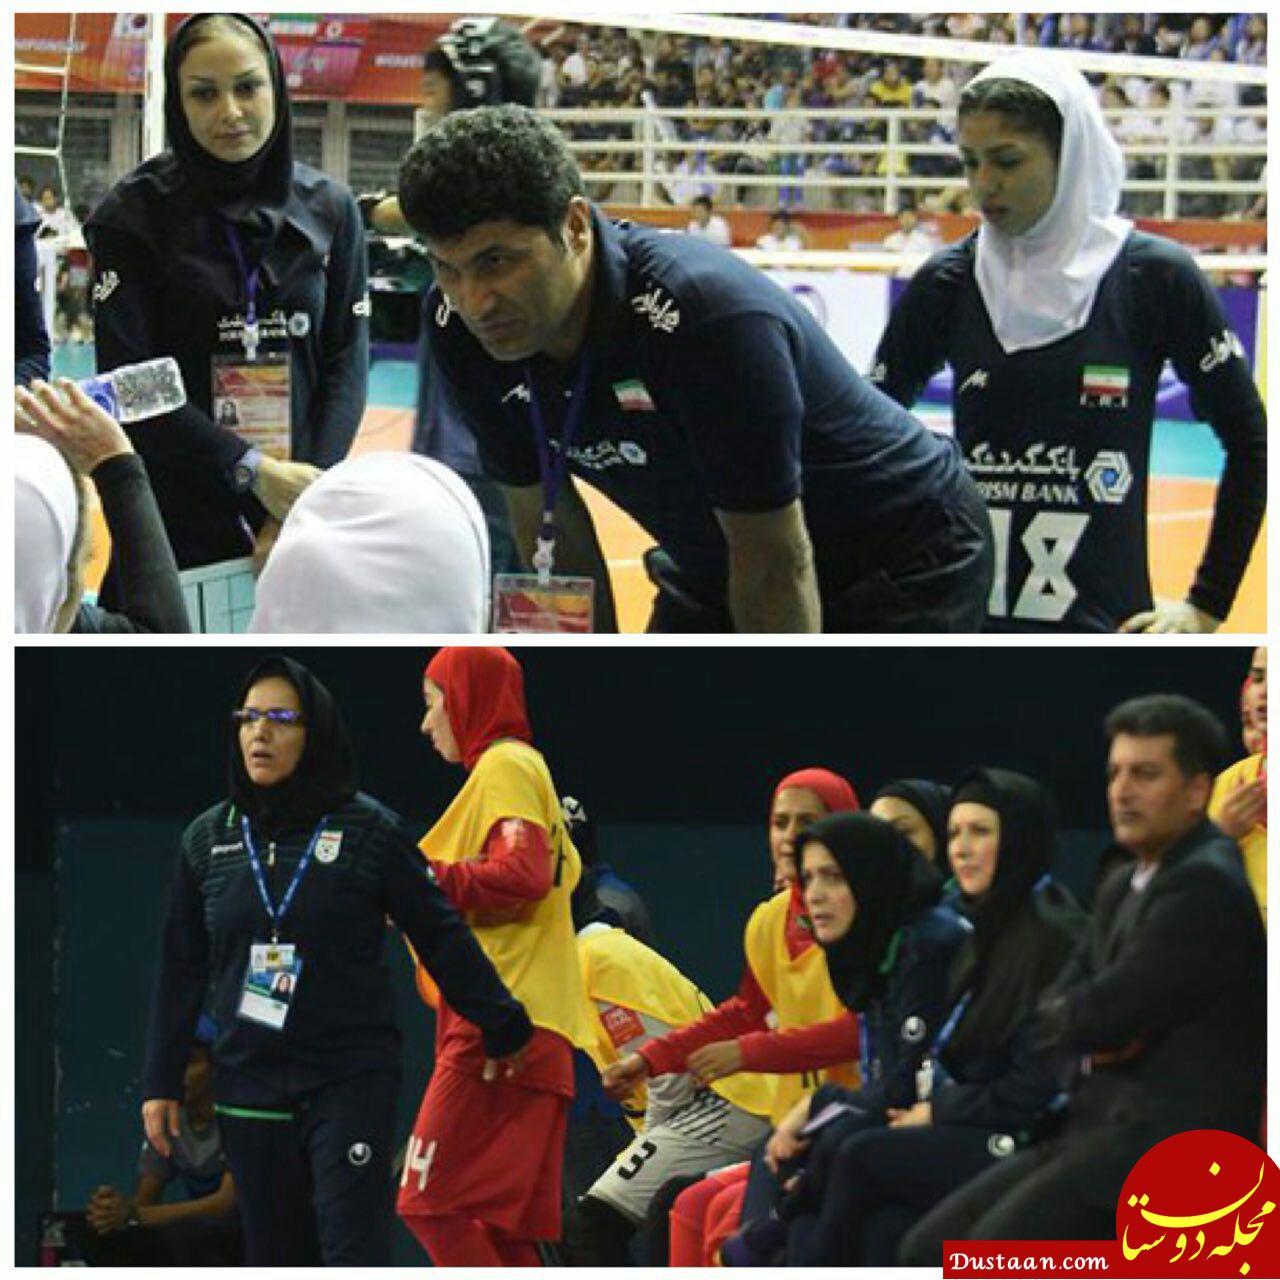 ورود مردان خارجی به مسابقات بانوان ایرانی ممنوع!